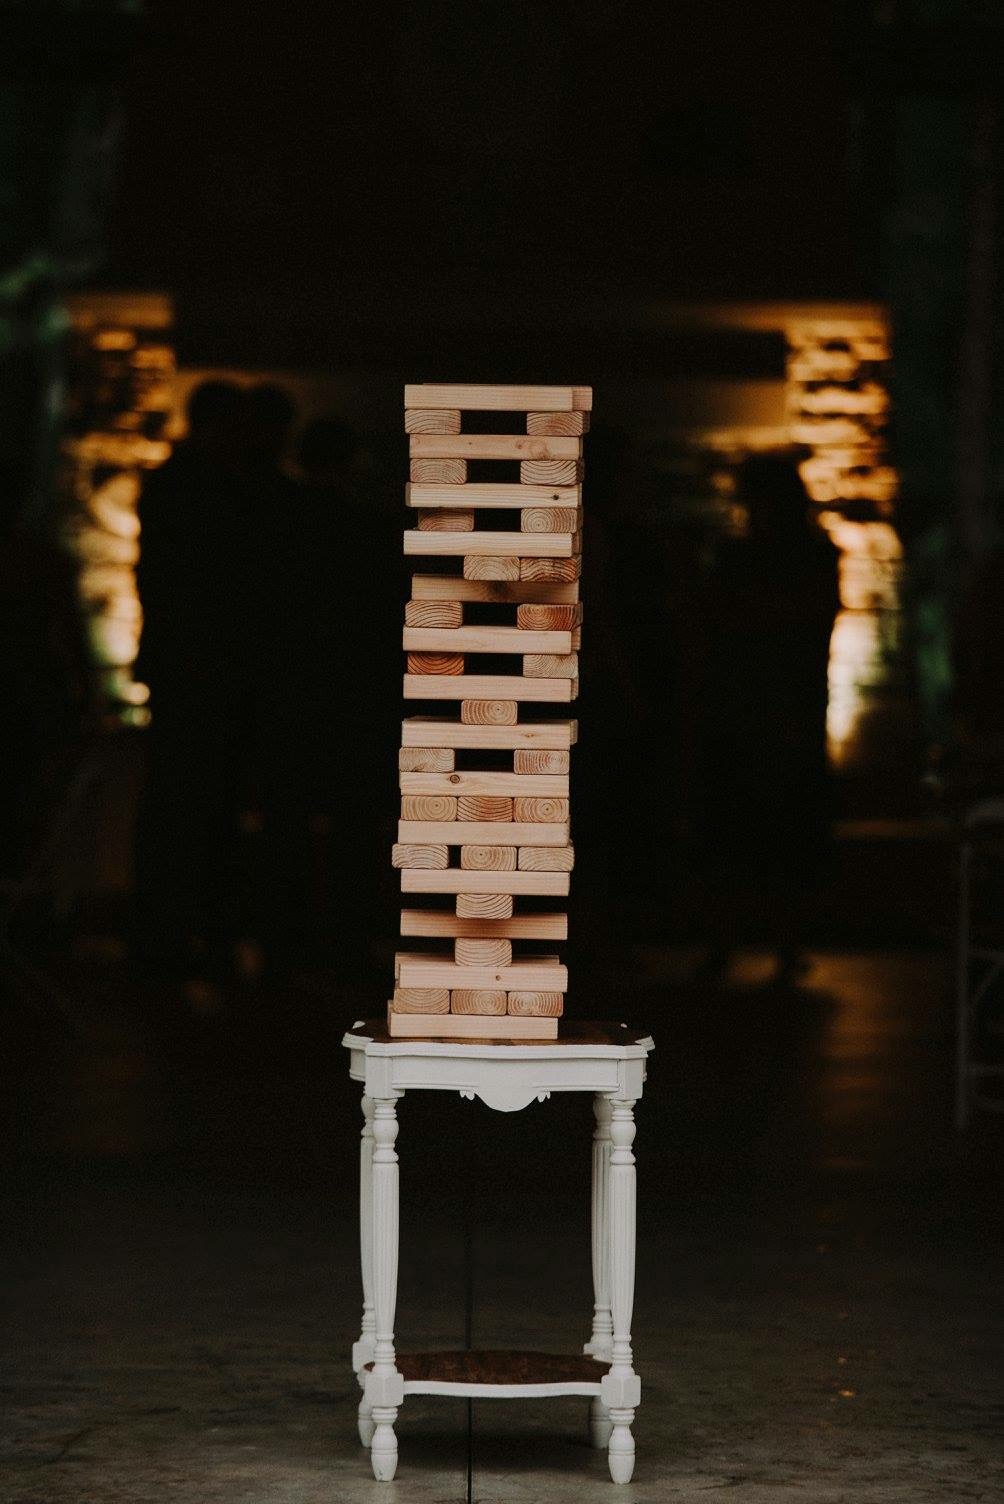 Wedding Yard Games